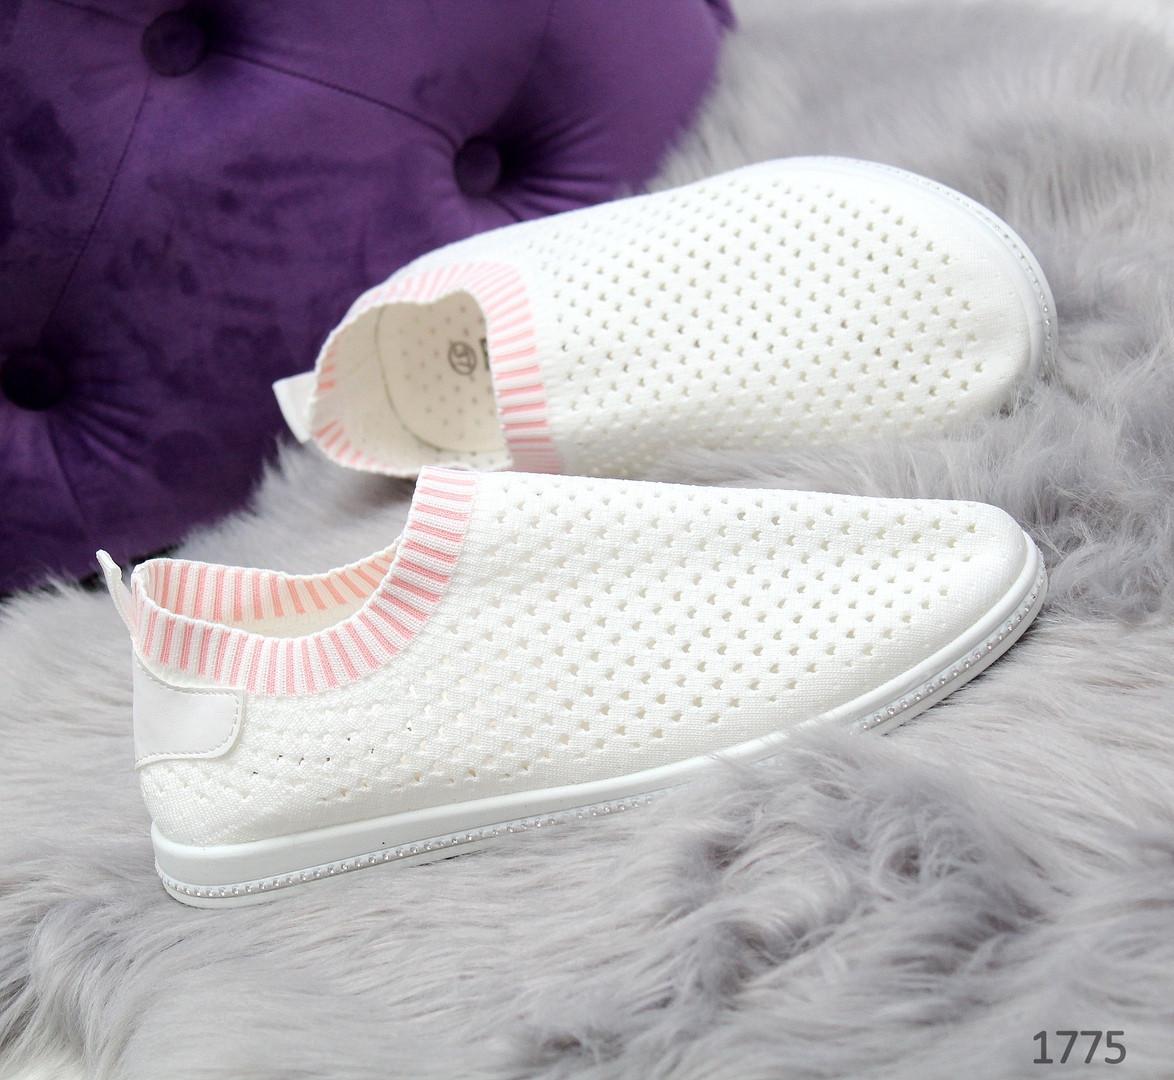 26c5f36e3fd Мокасины носки спортивные женские текстильные белые с розовым - VK-Style в  Киеве